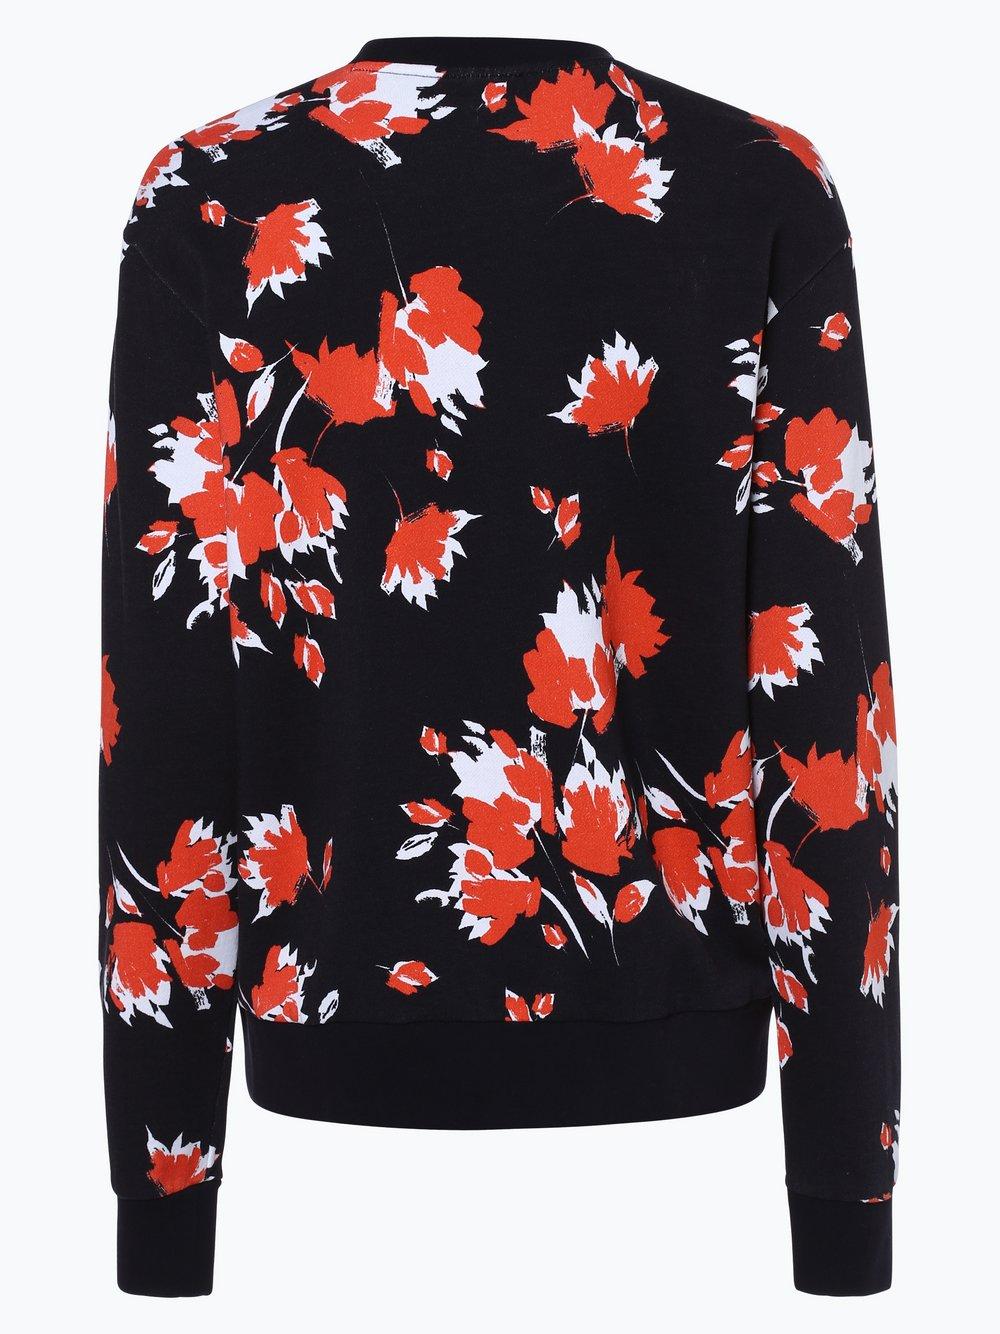 Damen Sweatshirt - Niccana_1 schwarz HUGO BOSS 8EDMk